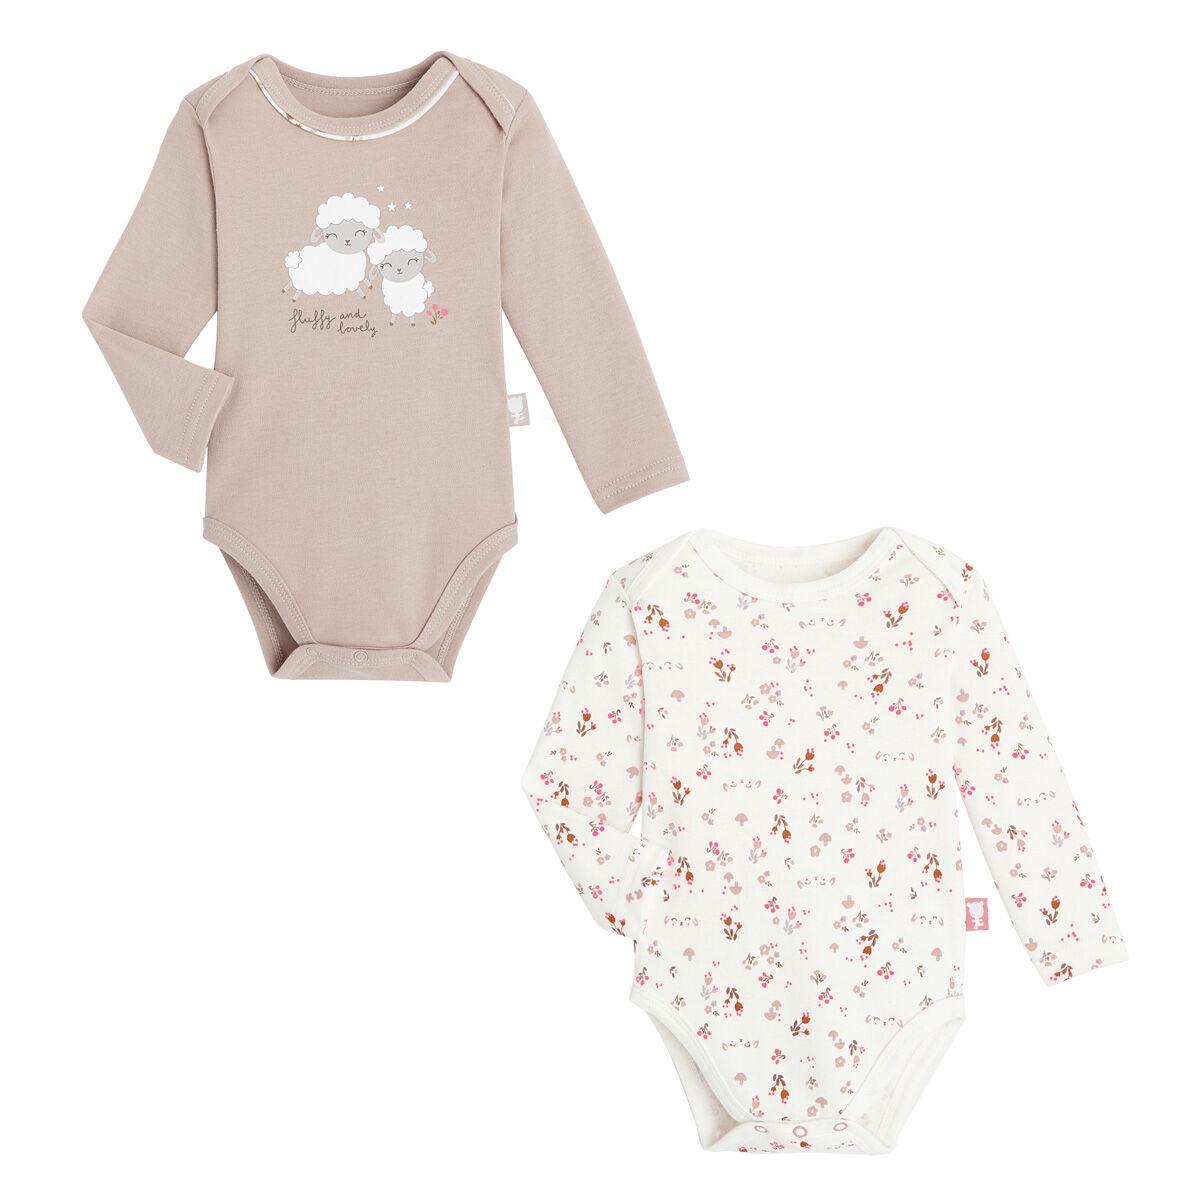 Petit Béguin Lot de 2 bodies bébé fille manches longues Lovely Baby - Taille - 6 mois